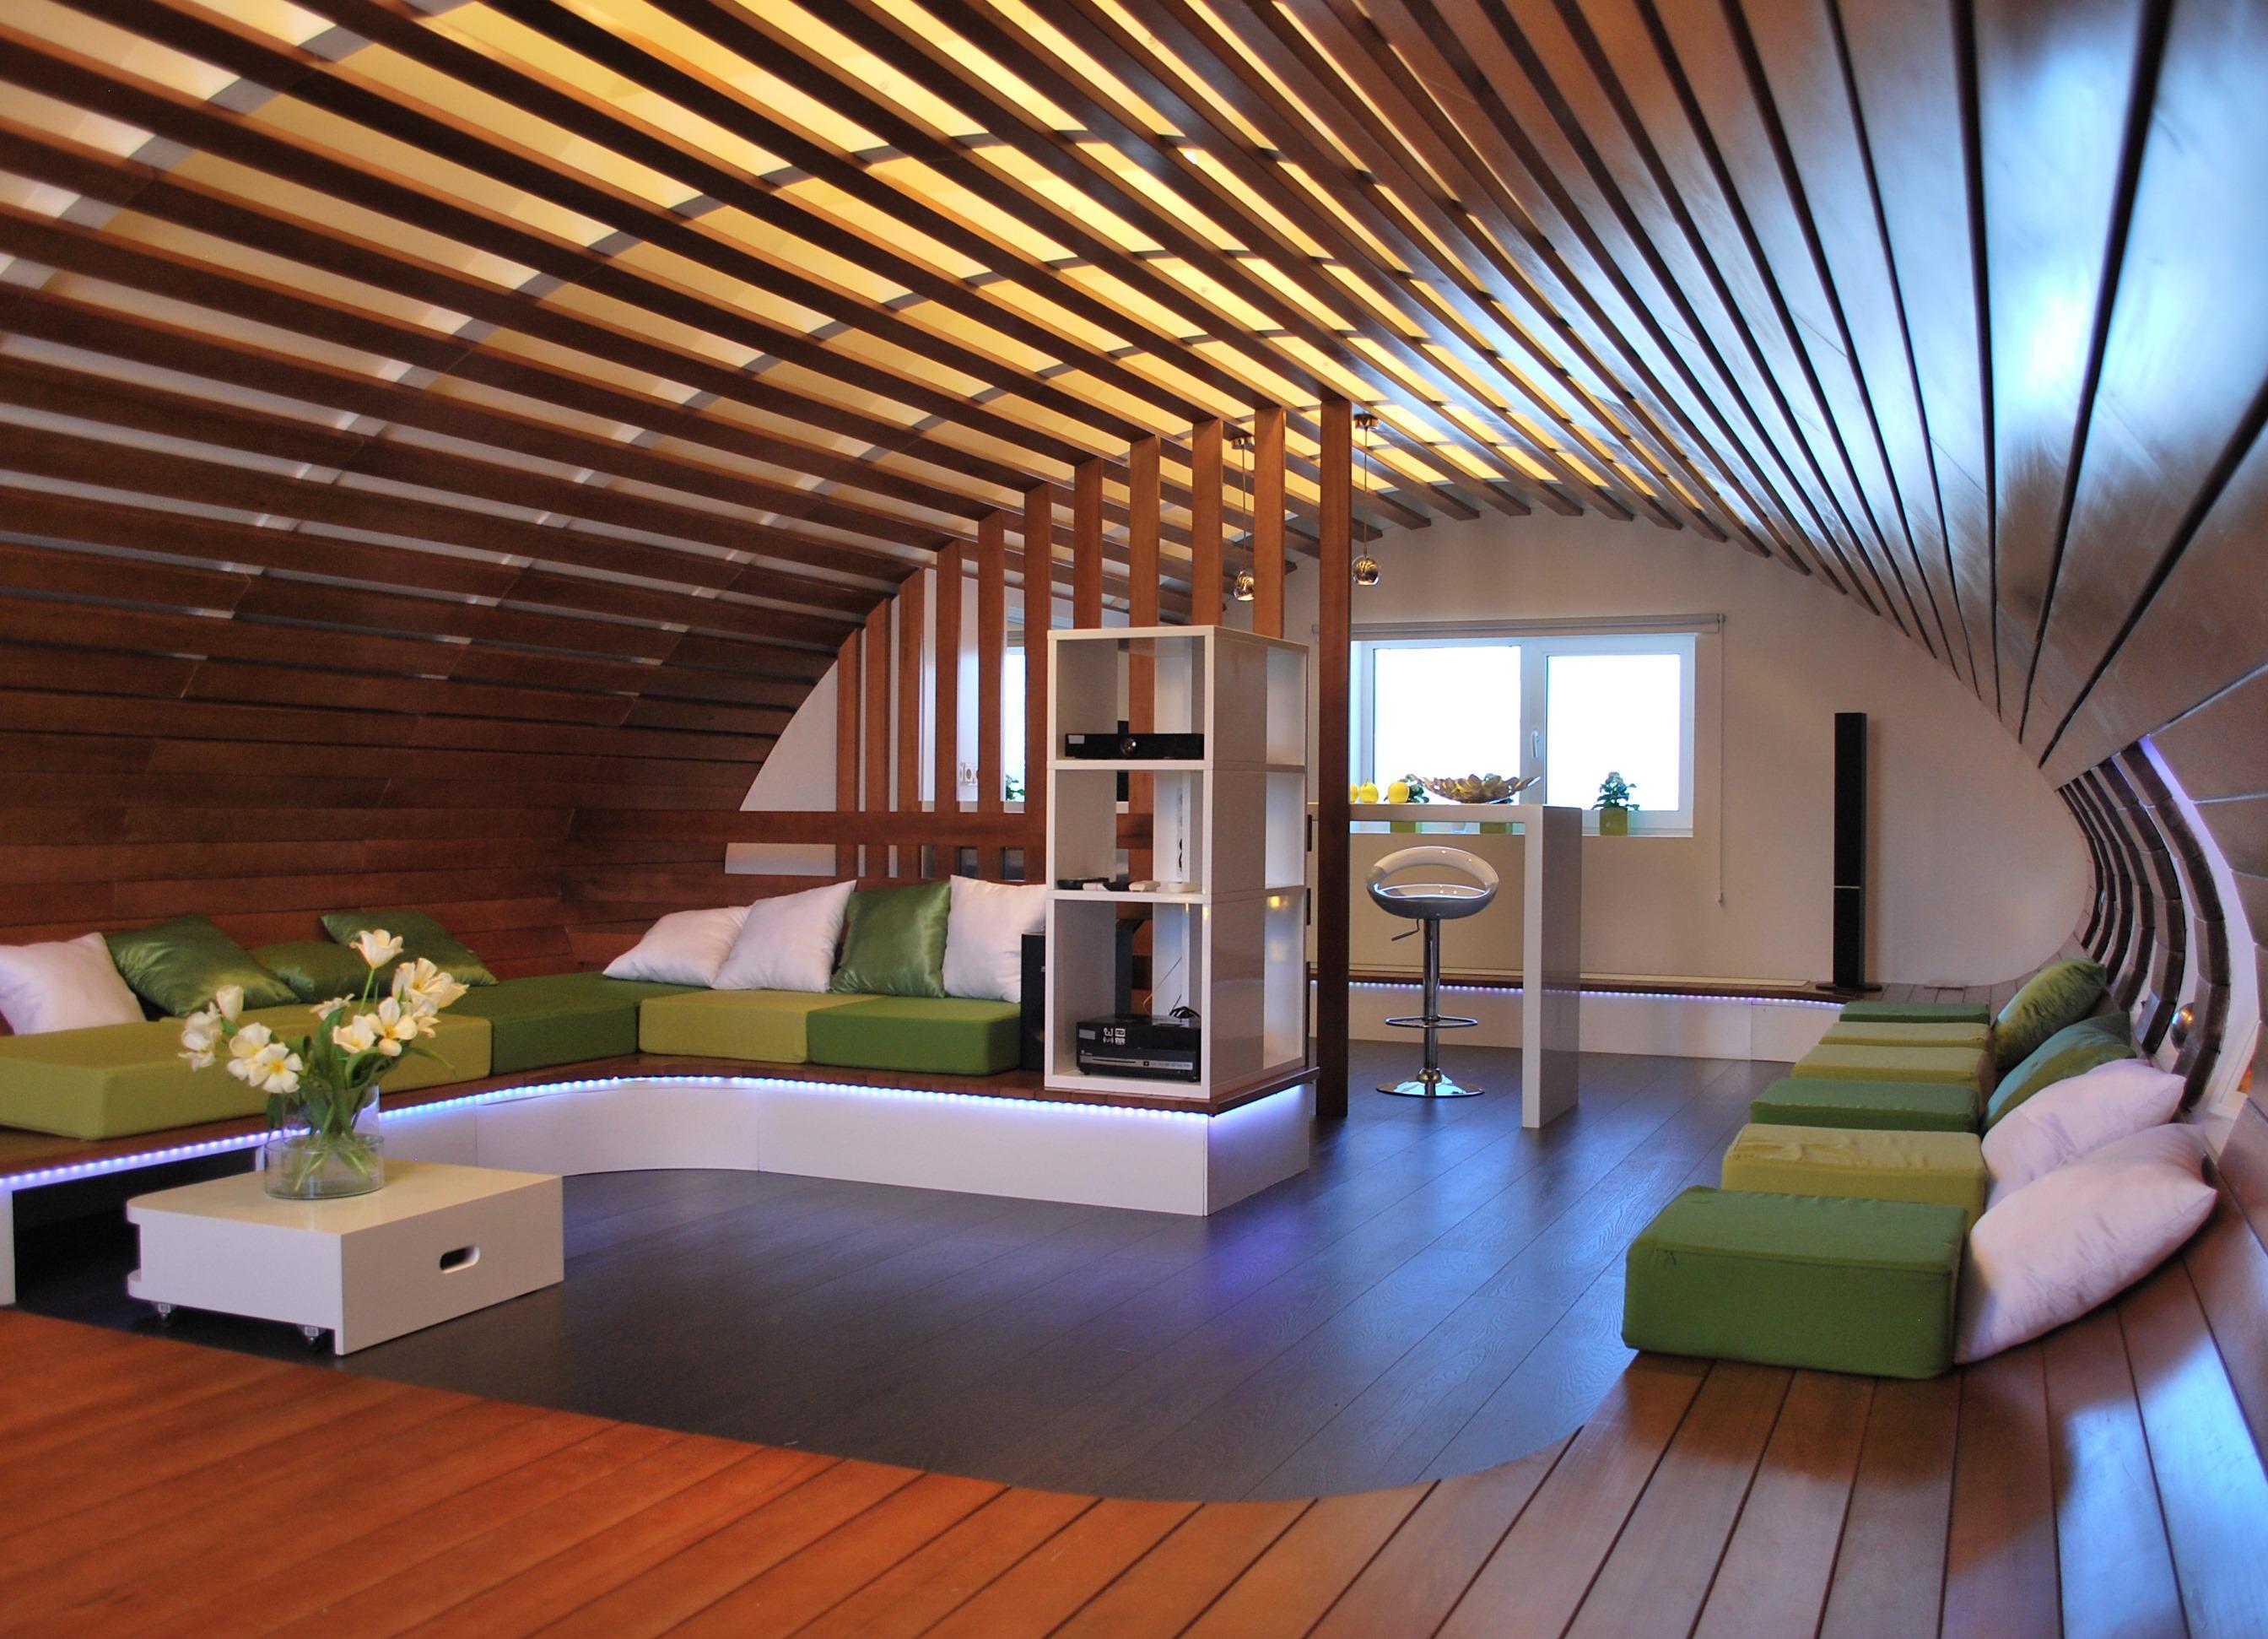 Отделка потолка: варианты и этапы, типы квартир, виды и фото, все способы, формы своими руками, работы новые